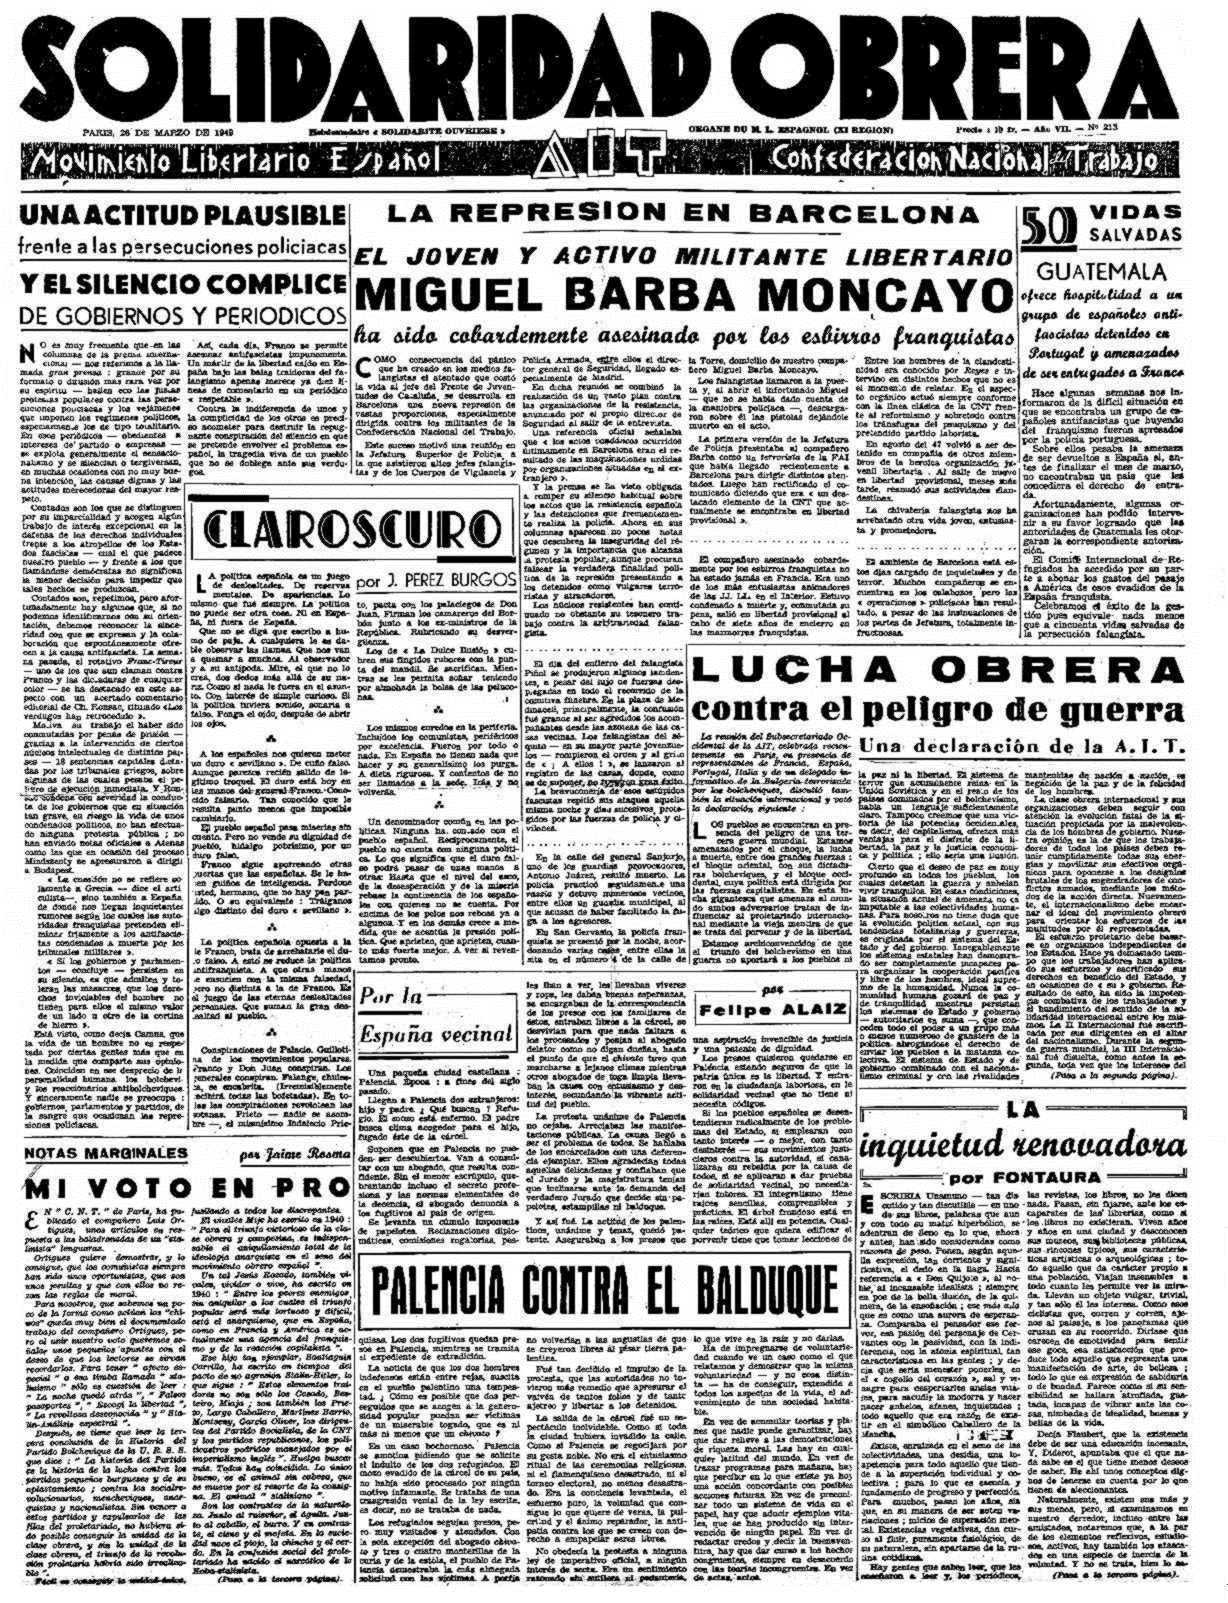 """Notícia de l'assassinat de Miguel Barba Moncayo apareguda en """"Solidaridad Obrera"""" de París del 26 de març de 1949"""